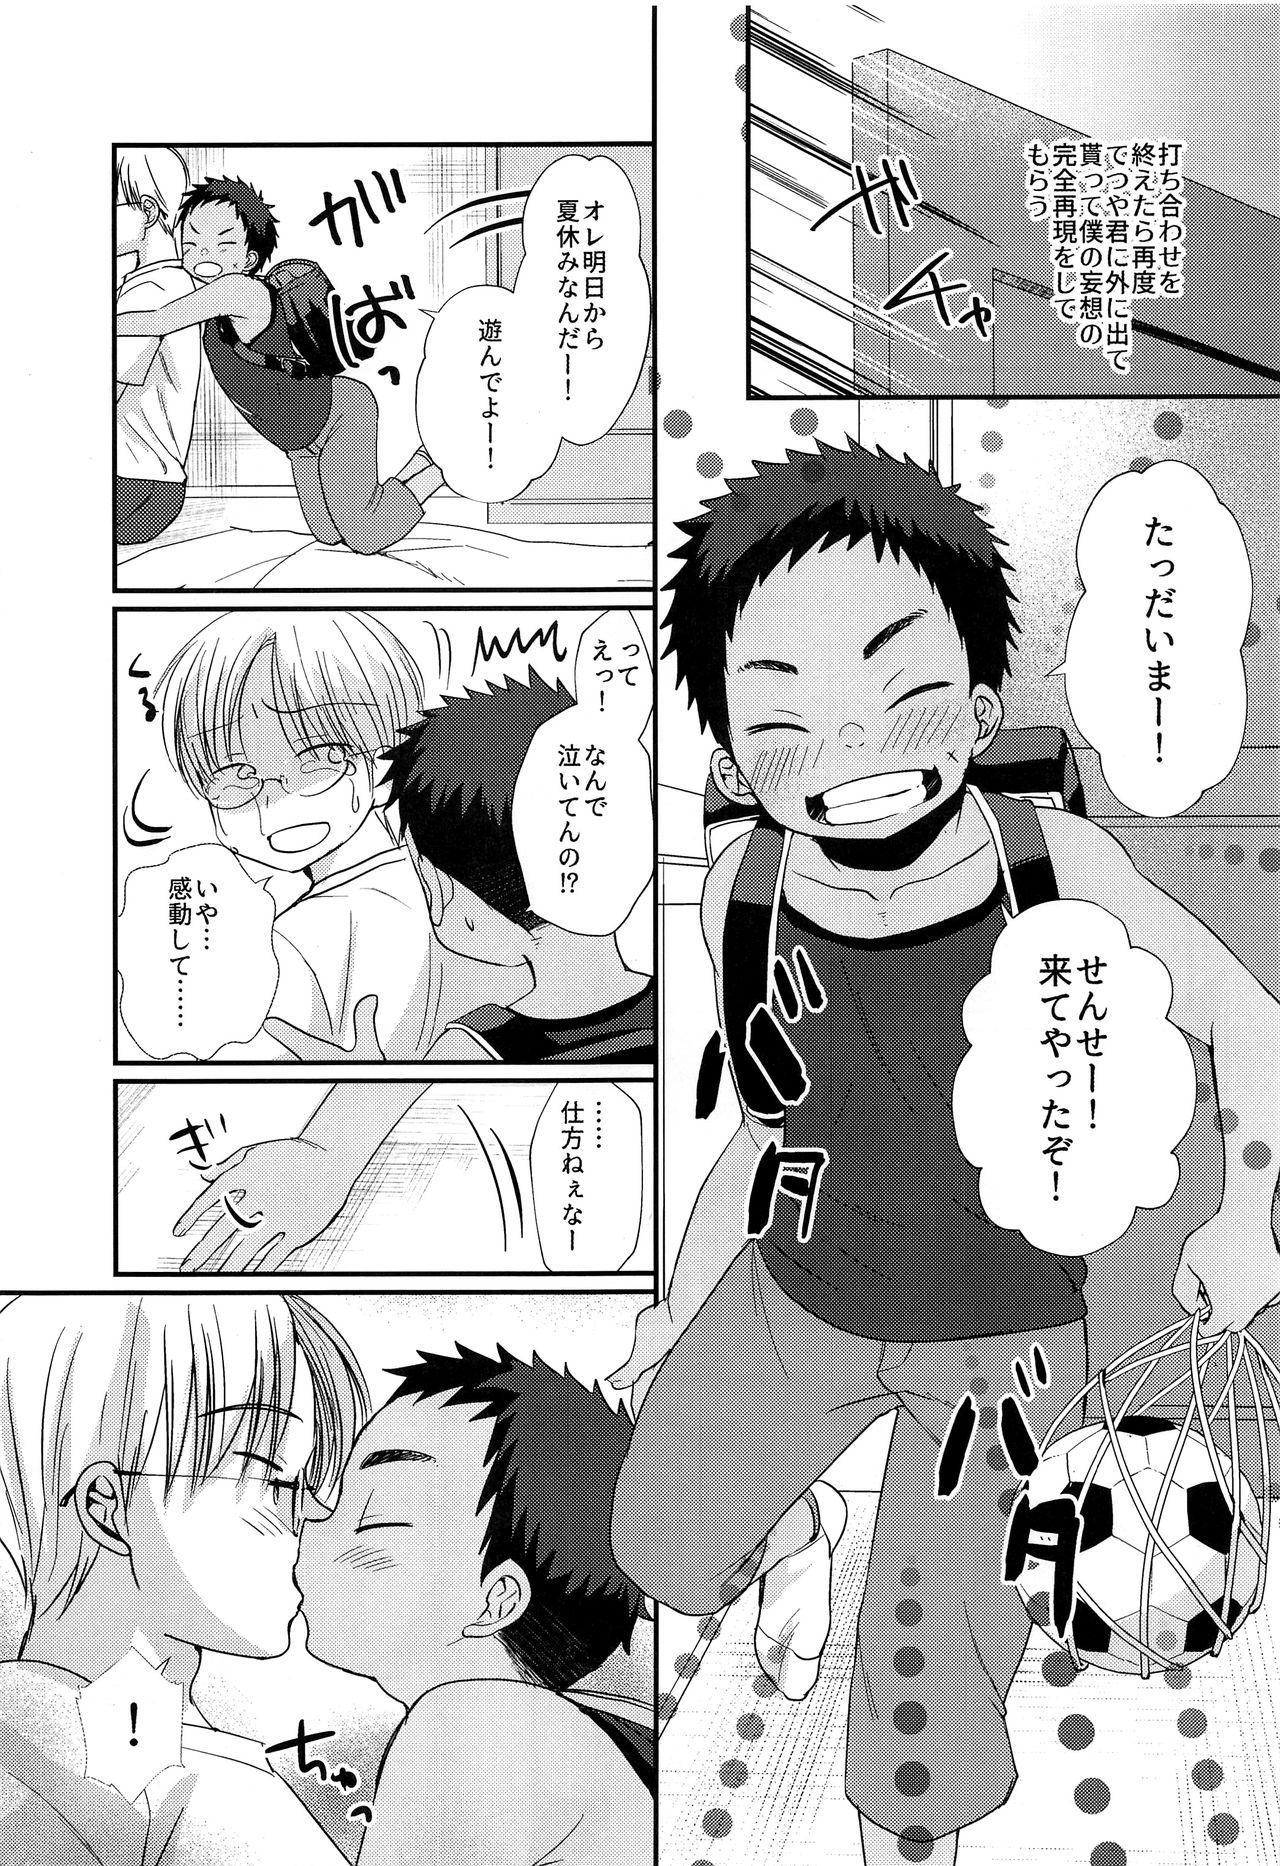 Tokumori! Shota Fuuzoku Saizensen 32